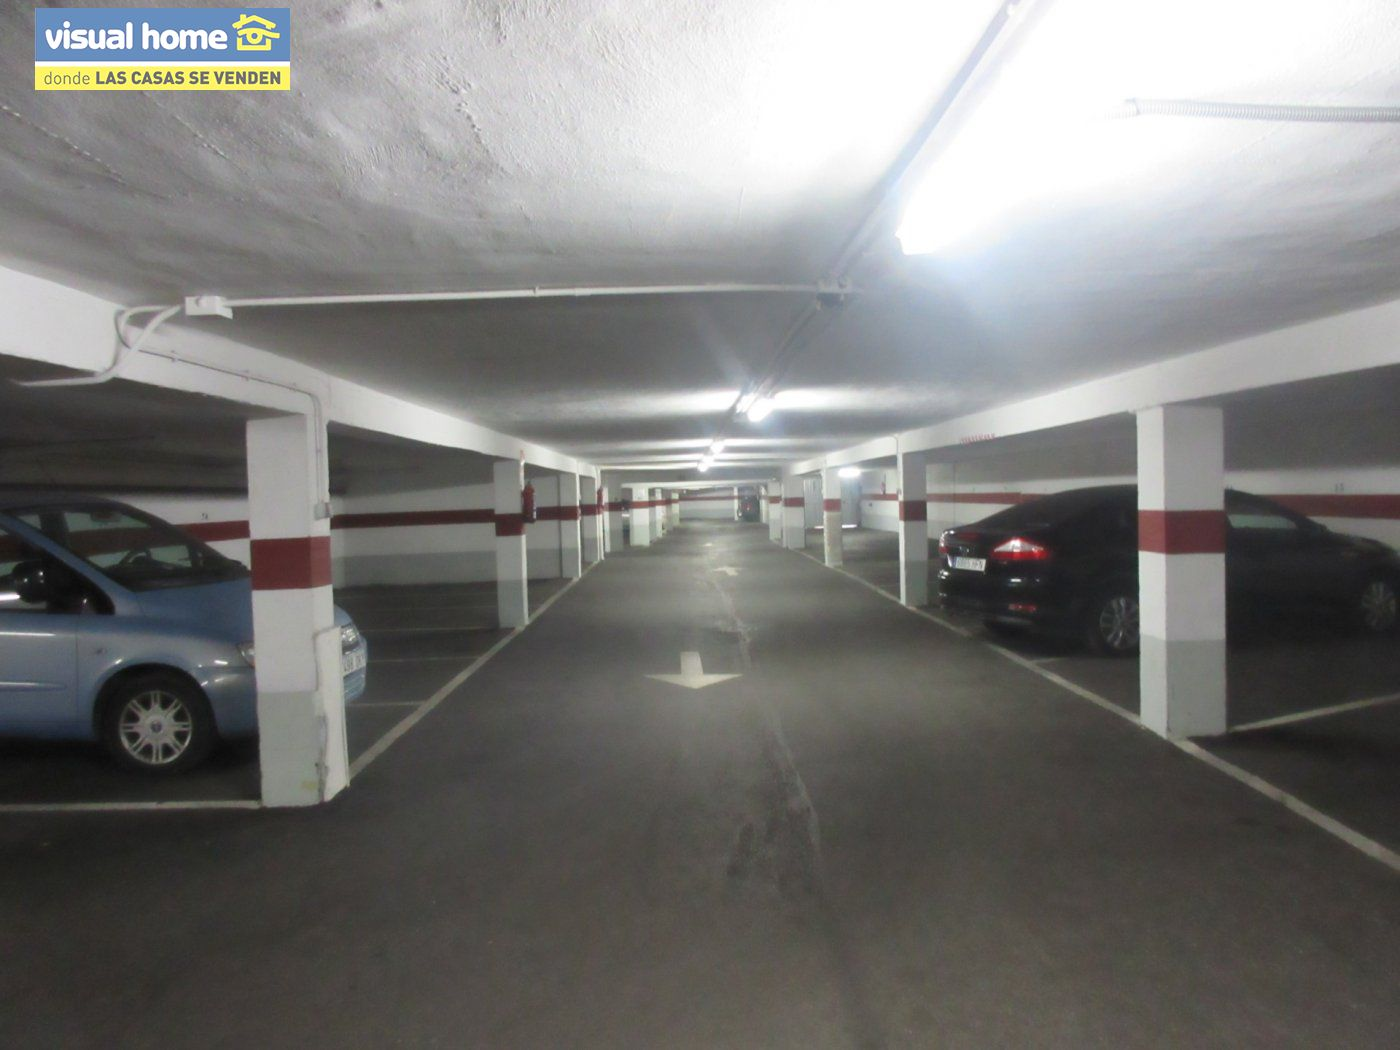 Apartamento todo exterior en Av/ Mediterráneo con garaje y piscina a 50 mts de la playa 32